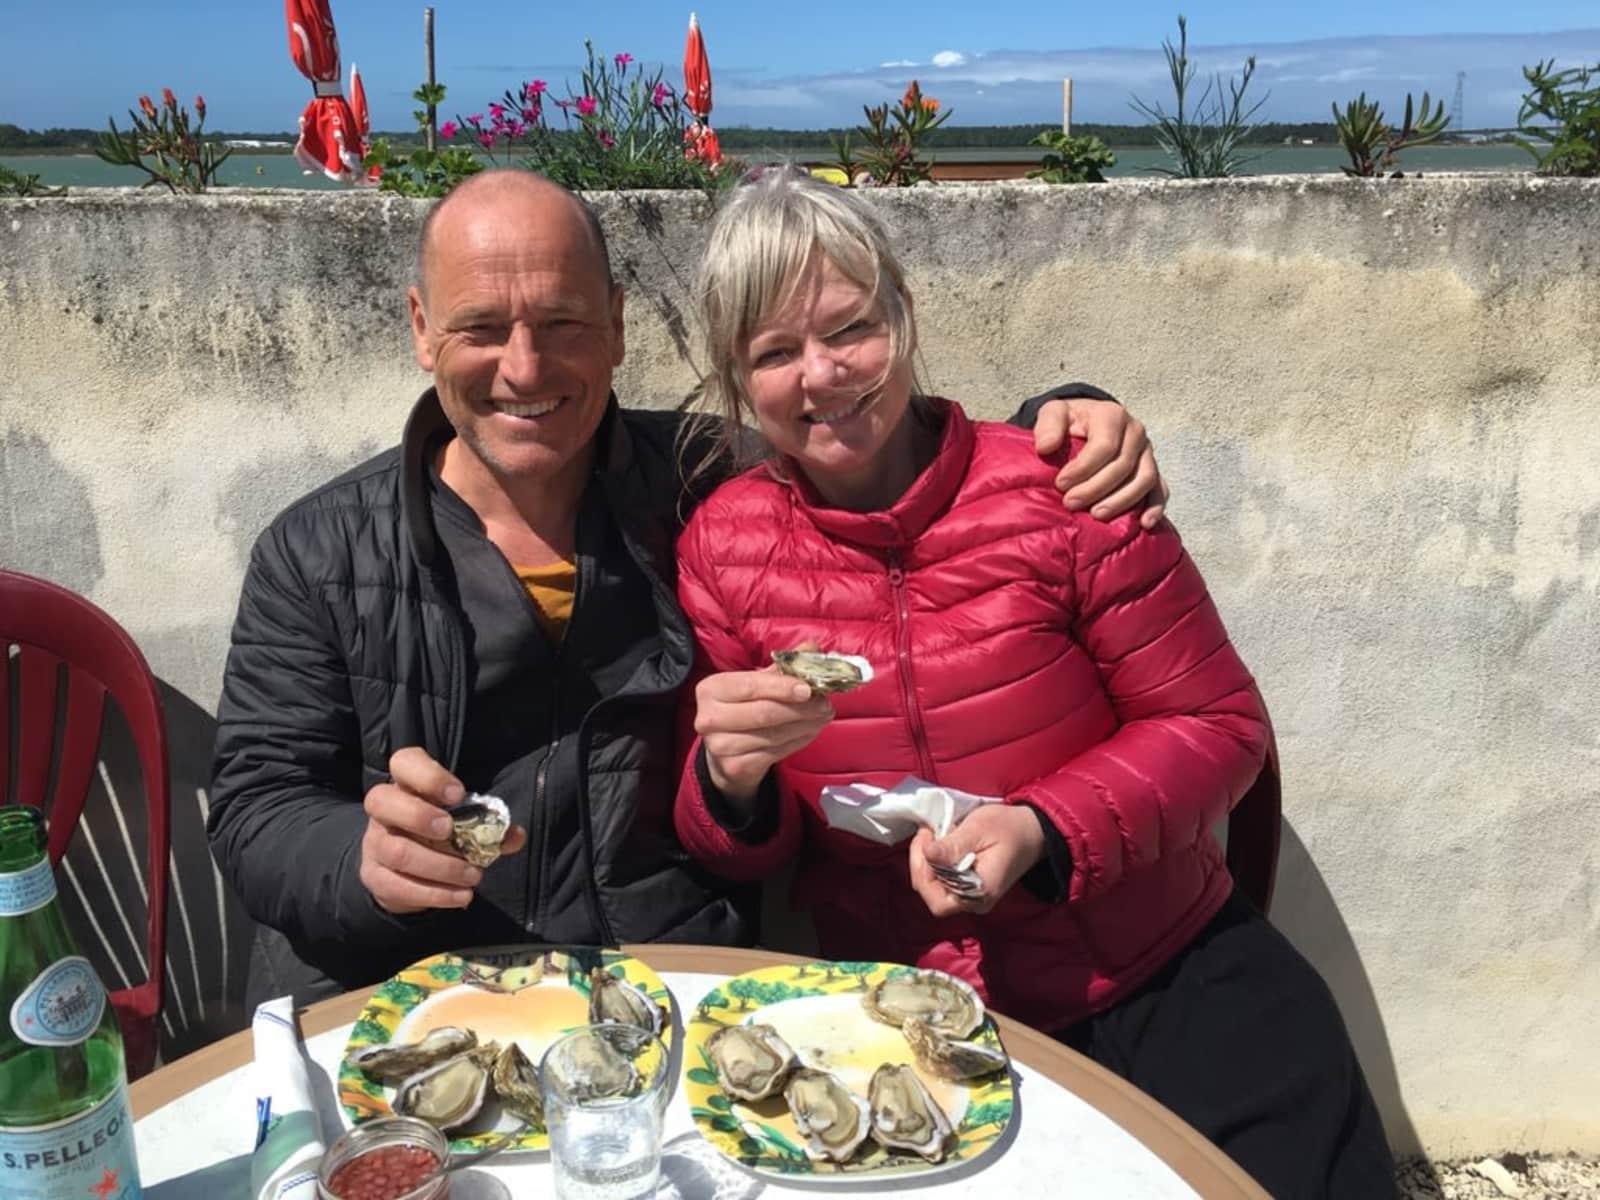 Erik & Helena from Stockholm, Sweden